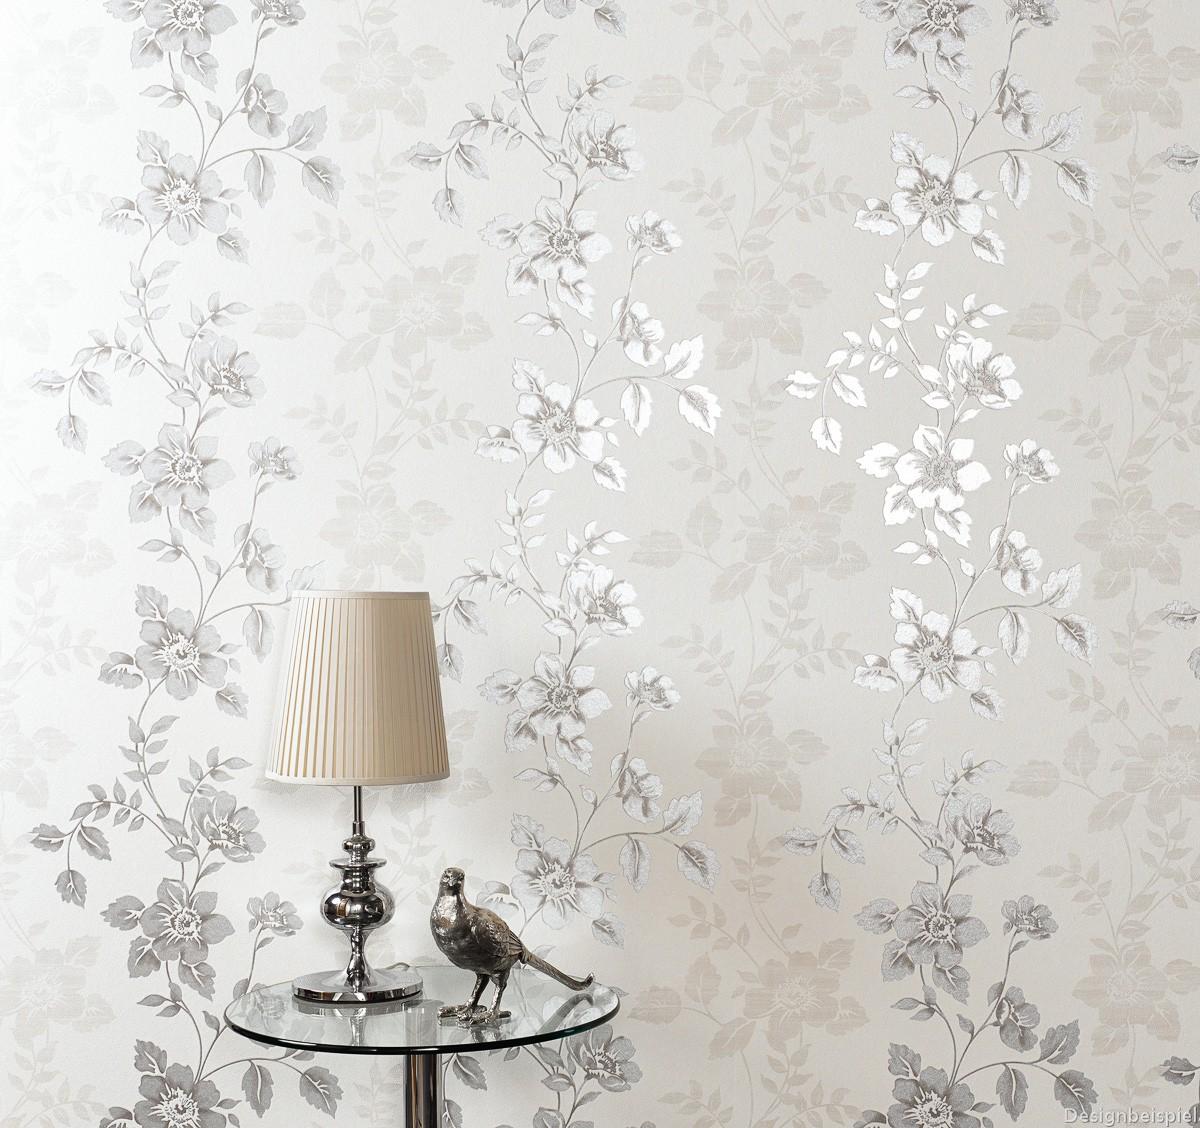 vliestapete blumen creme grau erismann isabella 5917 37. Black Bedroom Furniture Sets. Home Design Ideas